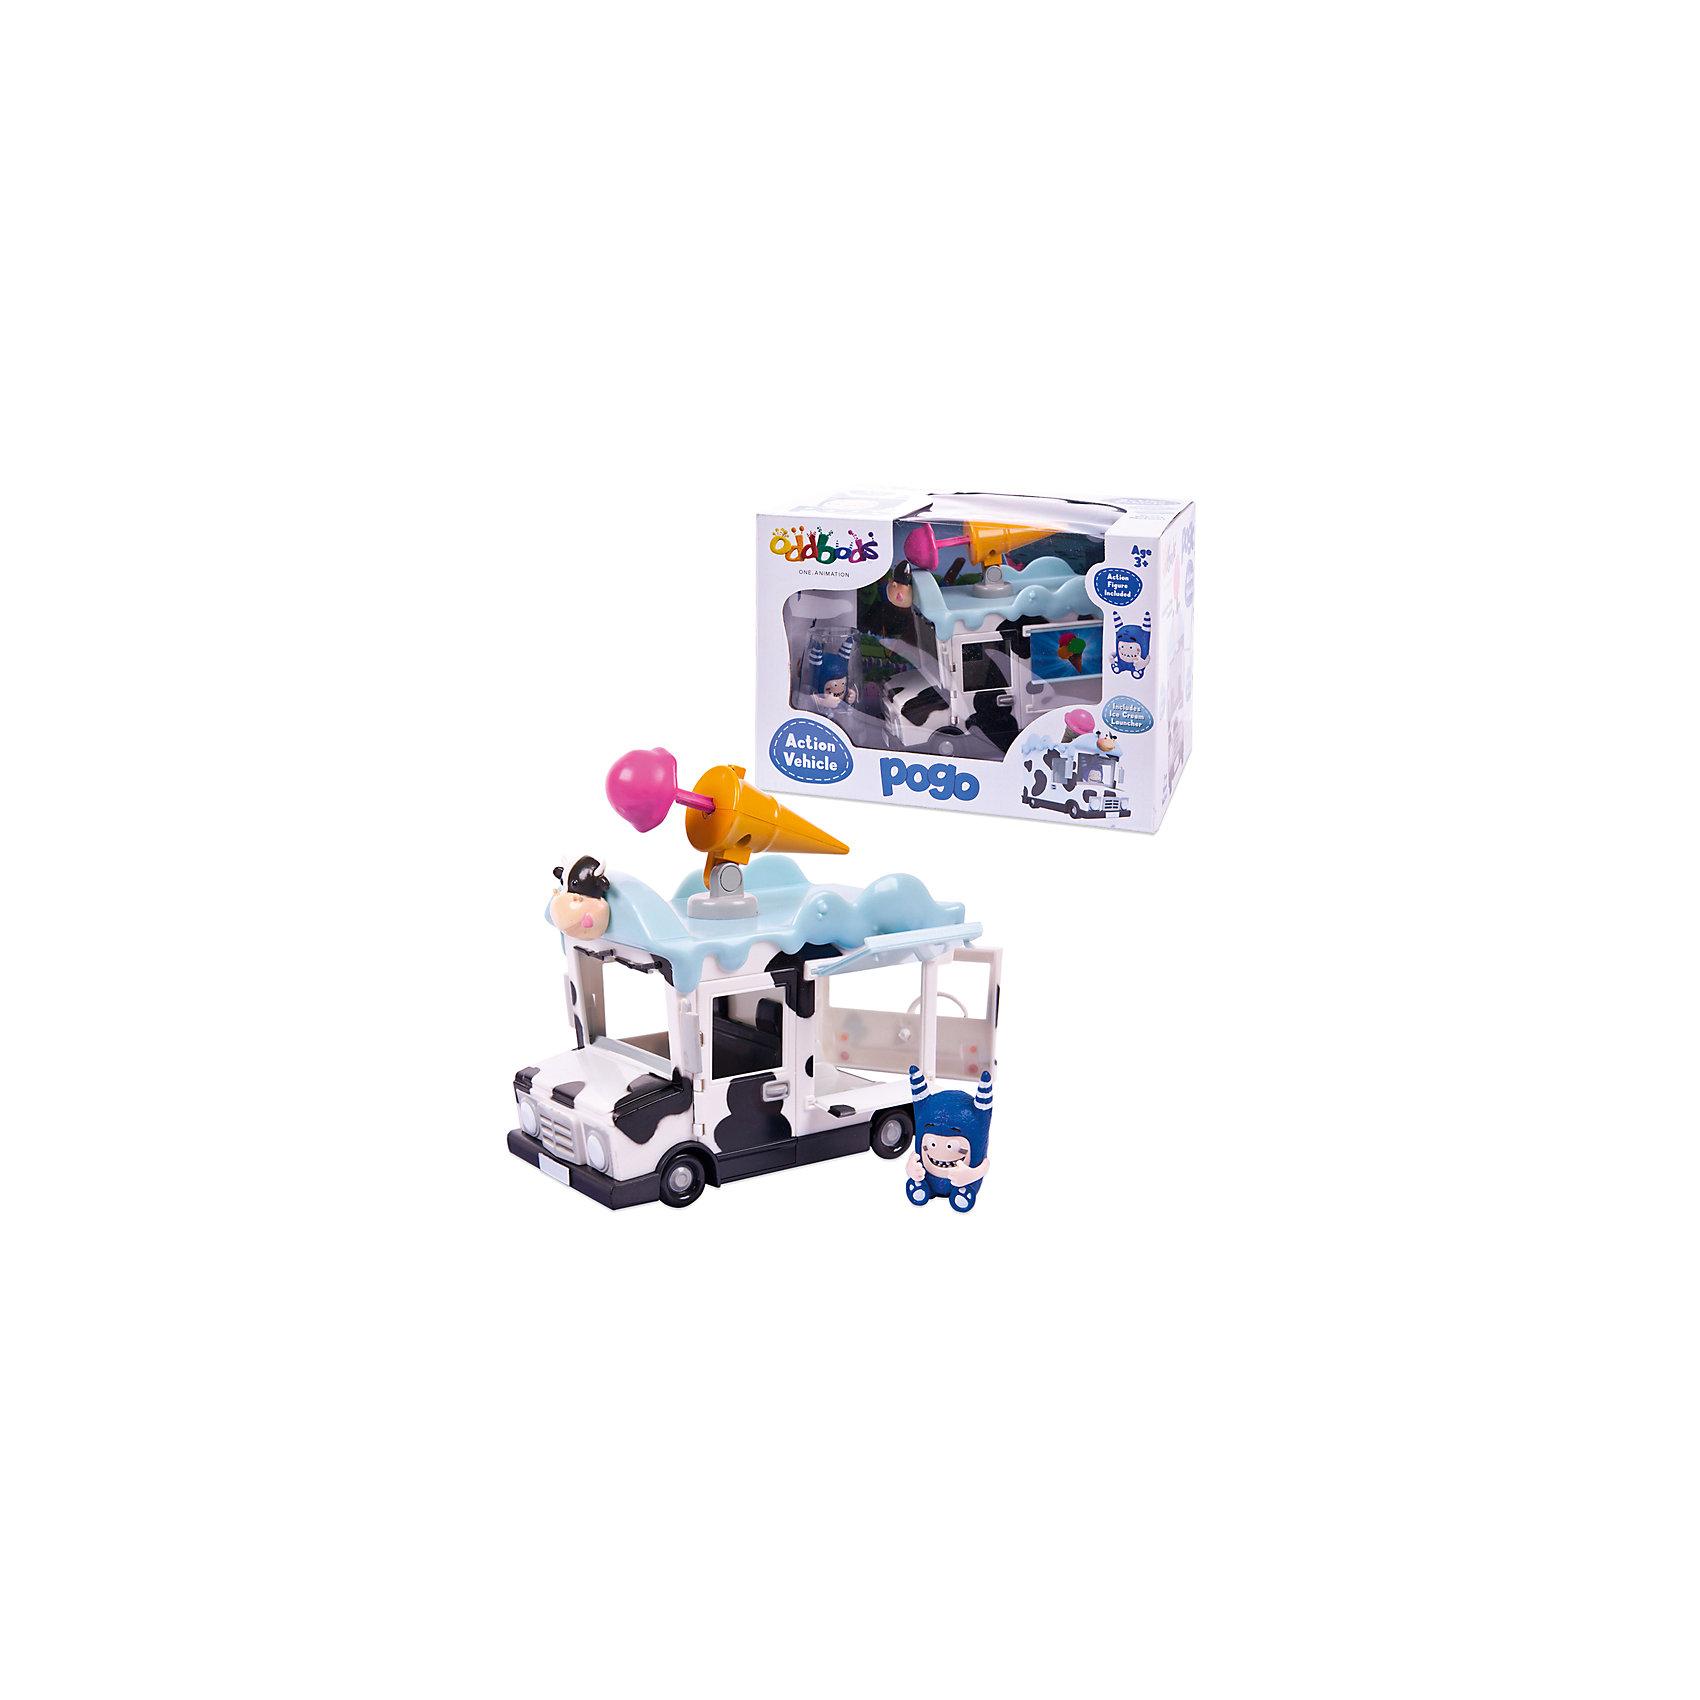 Набор Чуддики Фигурка Пого в наборе c машинкой, 4 см, OddbodsМашинки и транспорт для малышей<br>Набор Чуддики Фигурка Пого в наборе c машинкой, 4 см, Oddbods (Оддбодики)<br><br>Характеристики:<br><br>• в комплекте: фигурка Пого, машинка, снаряд<br>• высота фигурки: 4 см<br>• материал: пластик<br>• размер упаковки: 15,6х16х23 см<br>• вес: 375 грамм<br><br>Oddbods - мультсериал о жизни забавных монстриков-телепузов. В набор Чуддики входит фигурка Пого, машинка и снаряд. Машинка имеет интересную окраску, напоминающую корову. Дверцы автомобиля открываются, а верх машины украшен забавной пушкой в виде рожка мороженого. При нажатии на кнопку рожок выстреливает снарядом мороженого. Для такого транспорта Пого всегда придумает самые необычные приключения!<br><br>Набор Чуддики Фигурка Пого в наборе c машинкой, 4 см, Oddbods (Оддбодики) вы можете купить в нашем интернет-магазине.<br><br>Ширина мм: 230<br>Глубина мм: 160<br>Высота мм: 156<br>Вес г: 375<br>Возраст от месяцев: 36<br>Возраст до месяцев: 2147483647<br>Пол: Унисекс<br>Возраст: Детский<br>SKU: 5571414